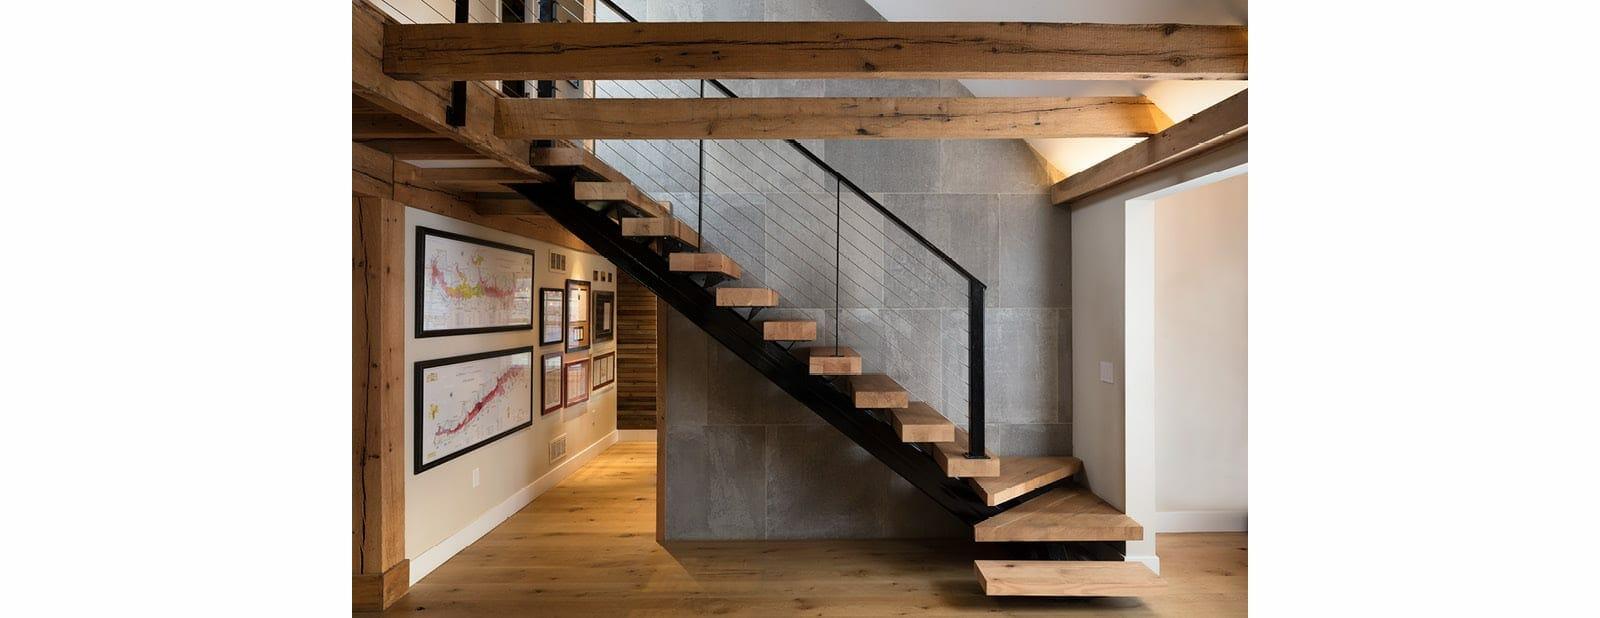 berwyn residence beams flooring treads